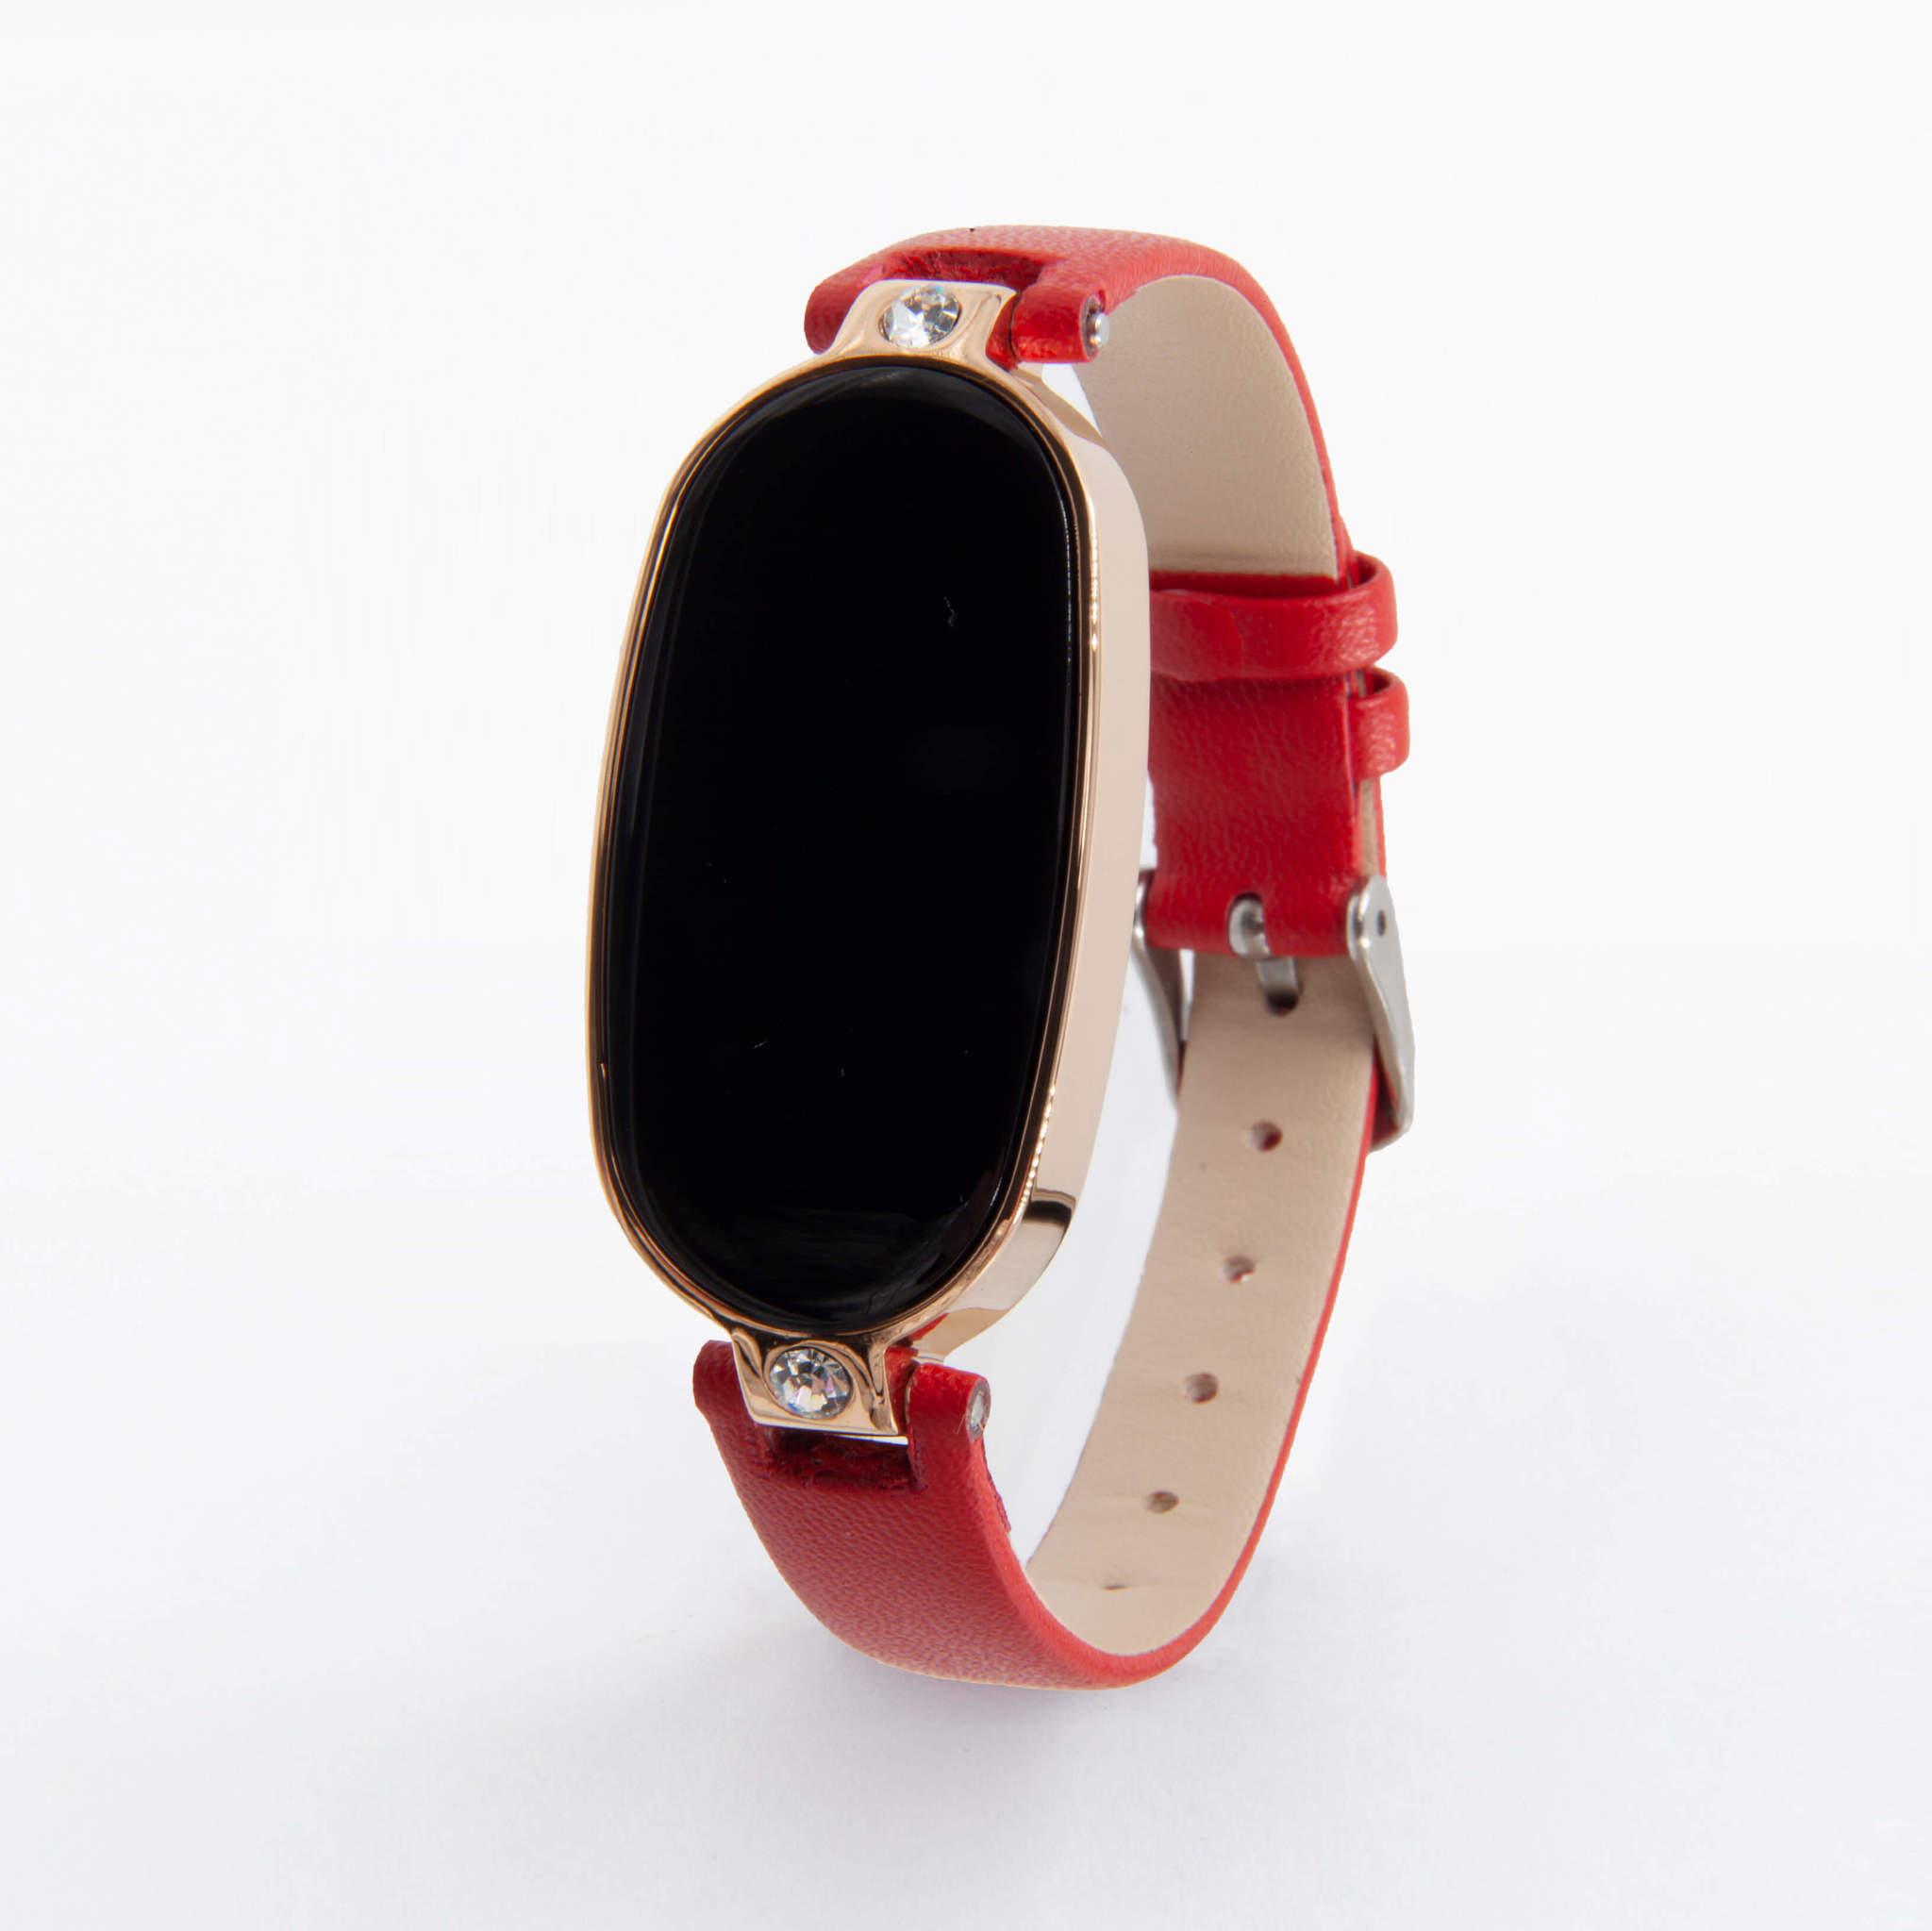 Женские часы с измерением давления, снятием ЭКГ и круглосуточным мониторингом пульса Health Band WM17, (красный)